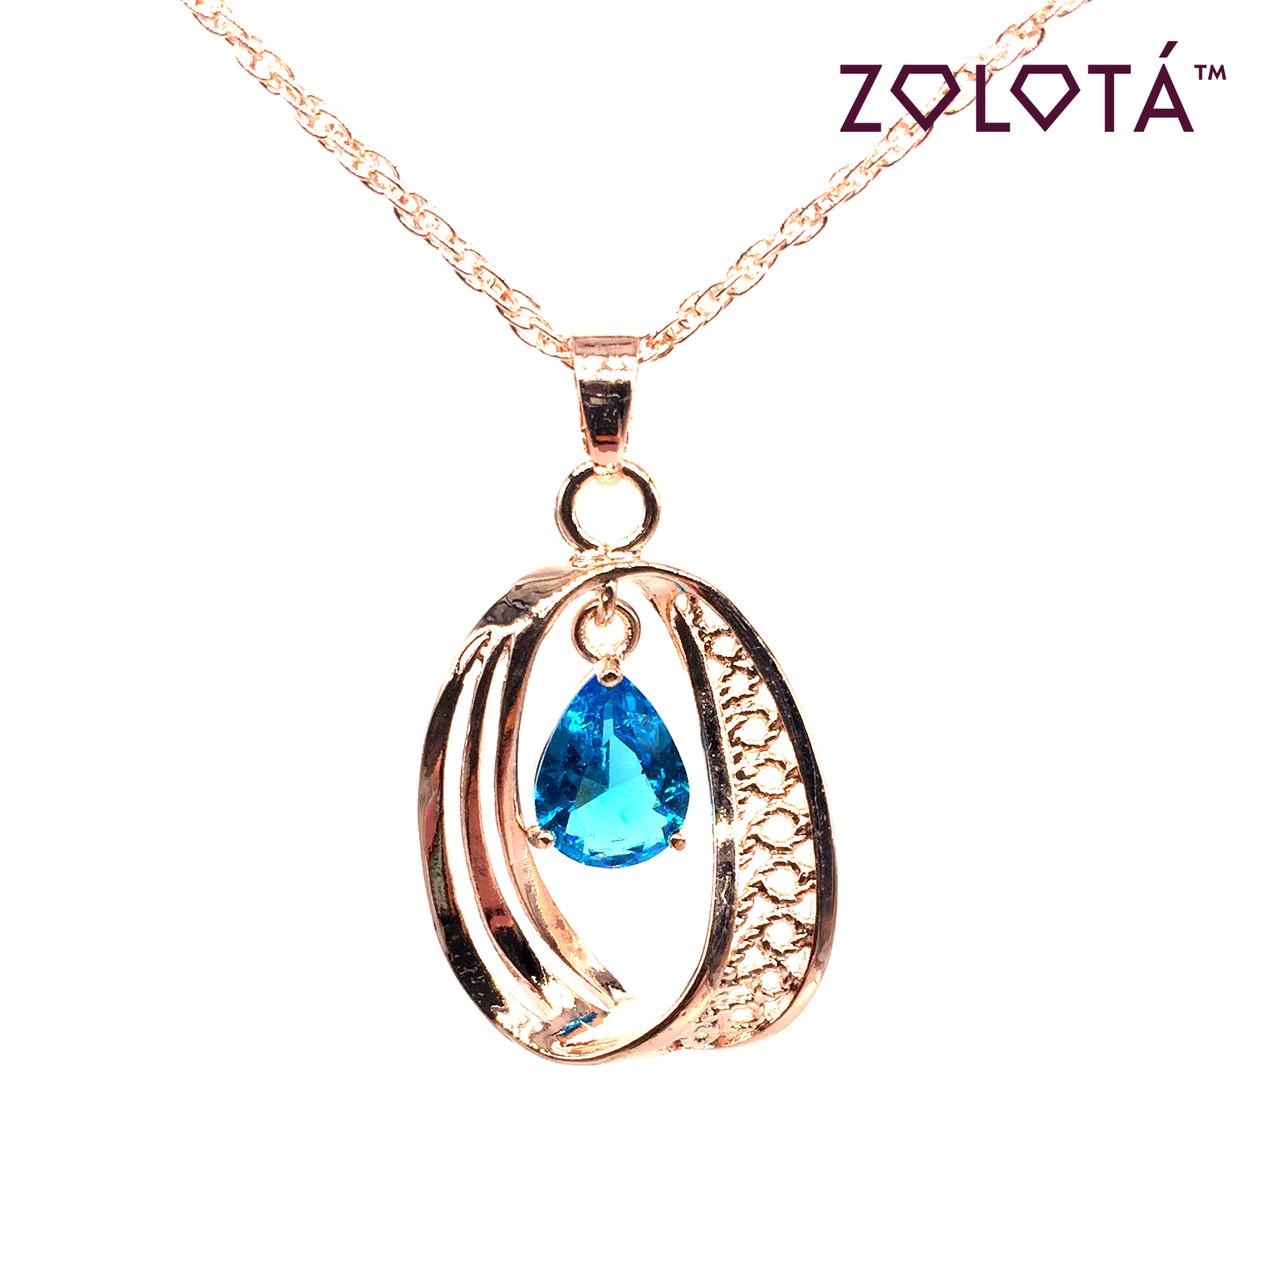 Подвеска на цепочке с голубым фианитом (куб. цирконием), из медицинского золота, в позолоте, ЗЛ00232 (1)